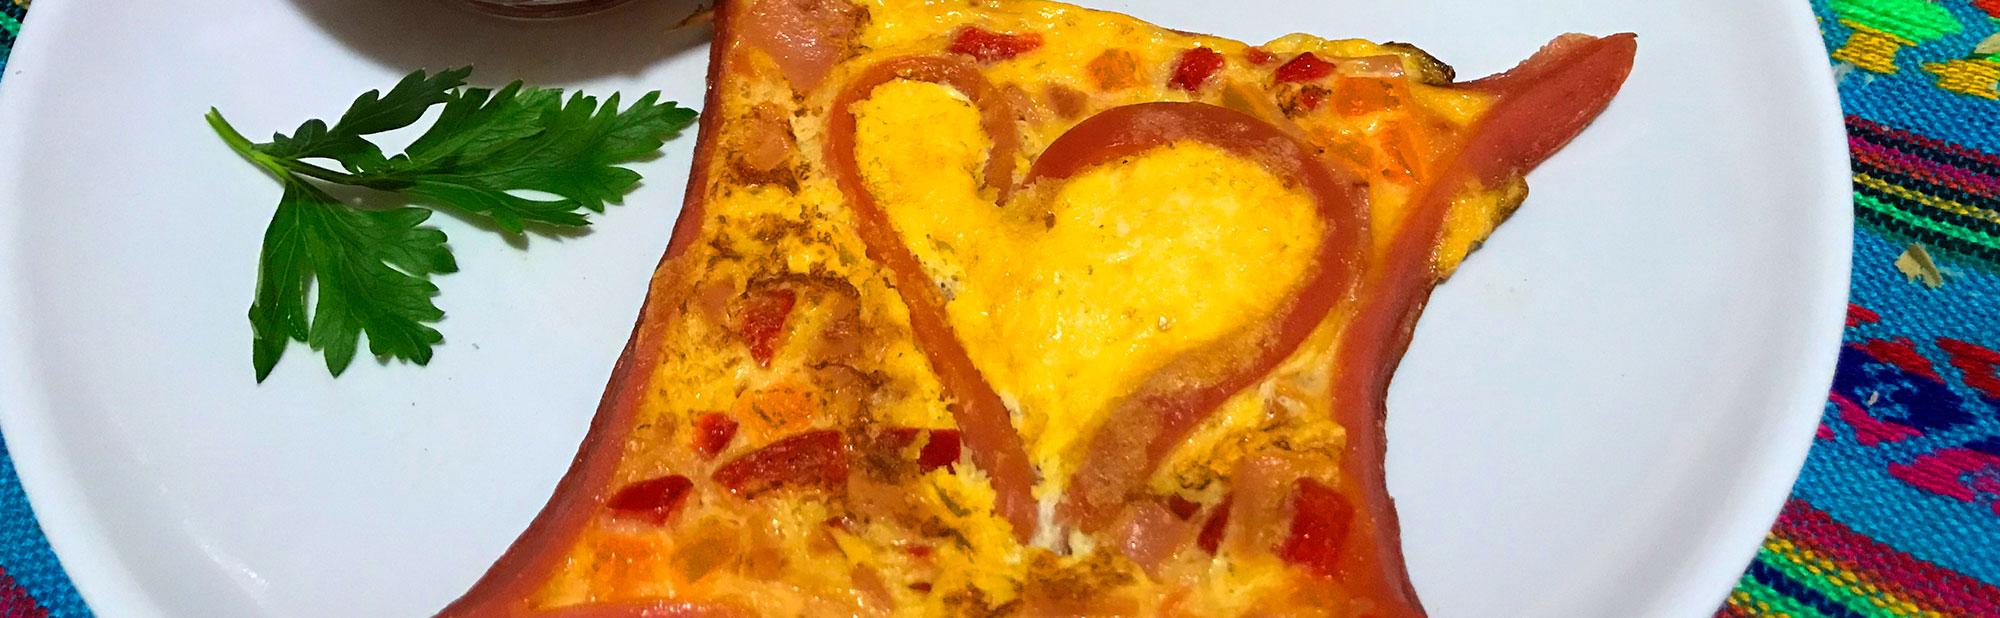 La Antojadera | Corazón de Salchicha con Huevo